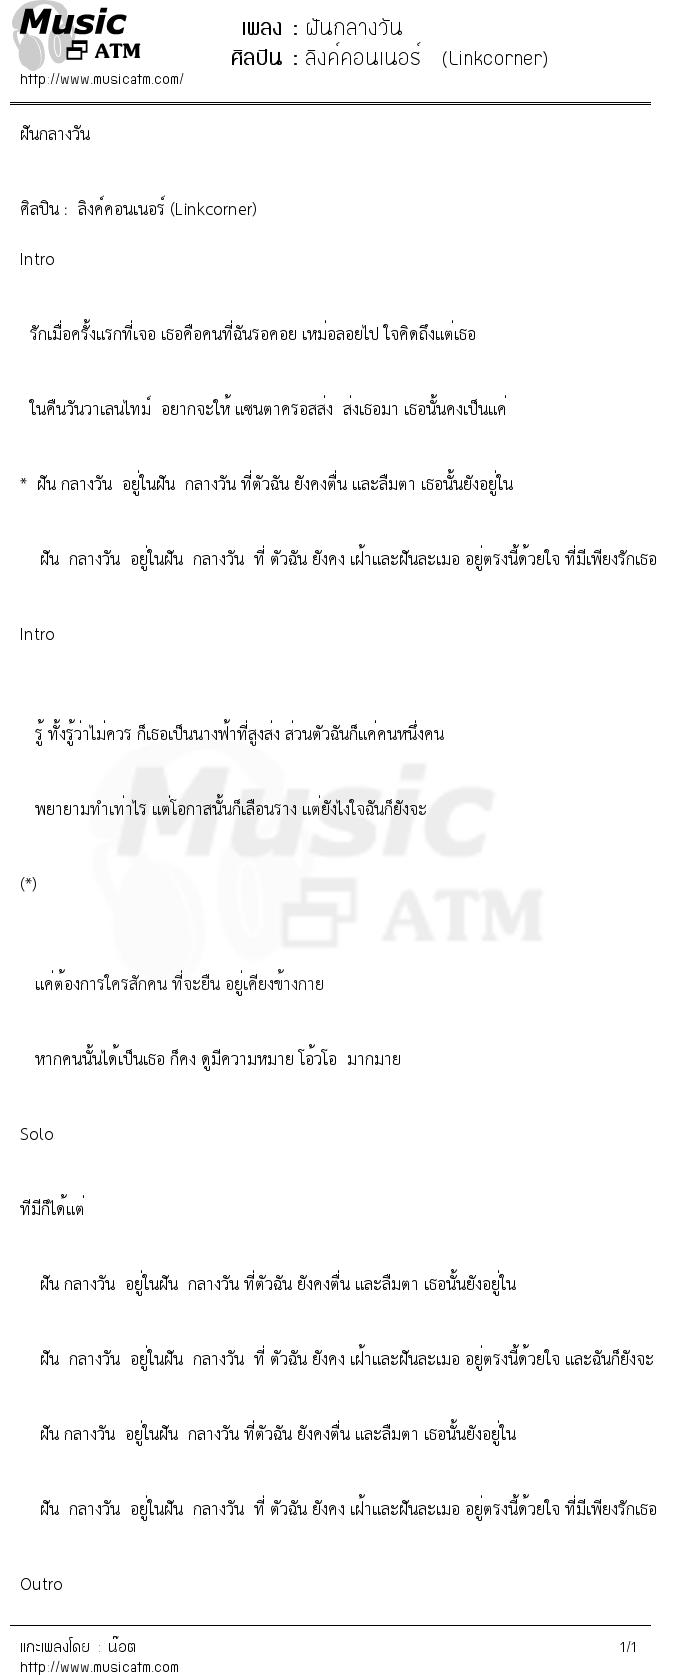 เนื้อเพลง ฝันกลางวัน - ลิงค์คอนเนอร์ (Linkcorner) | เพลงไทย